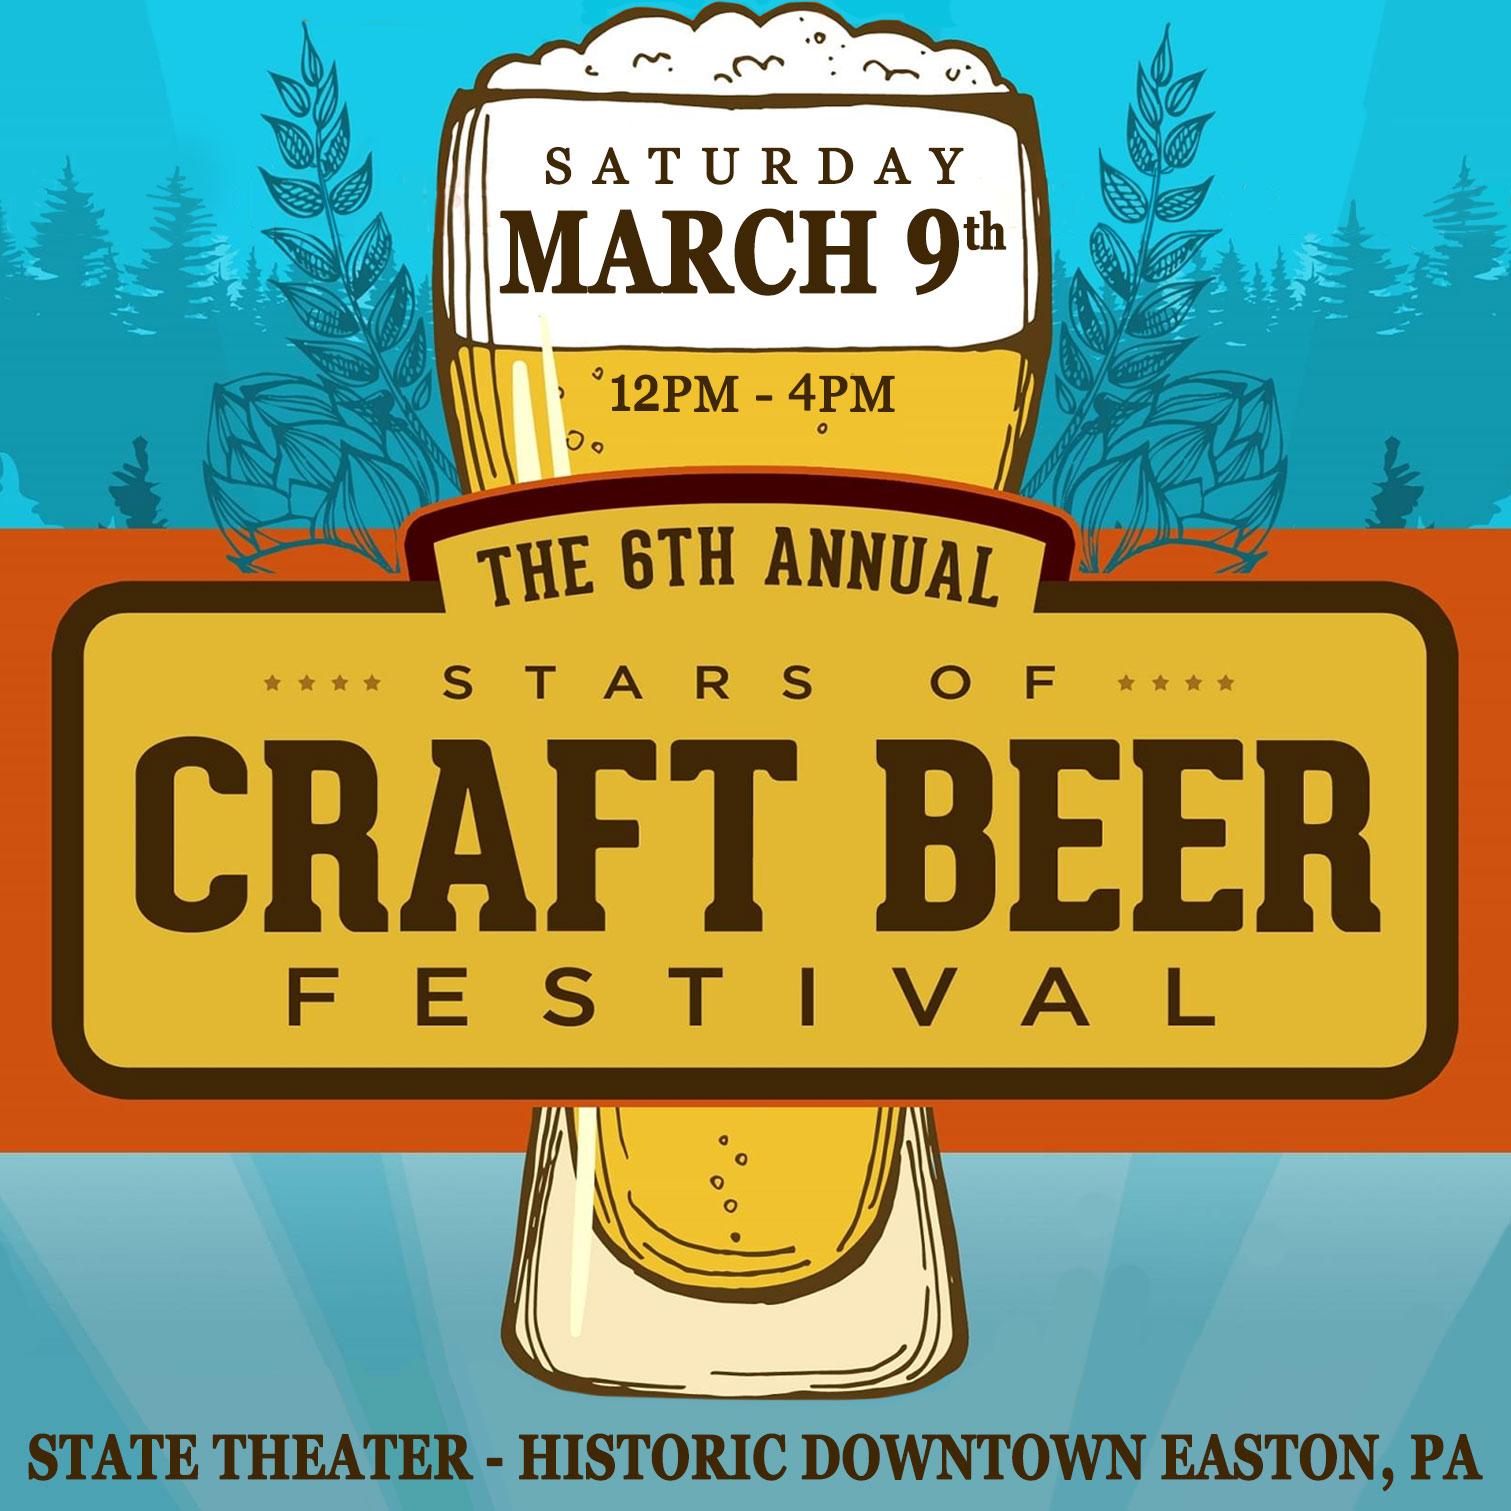 stars-of-craft-beer.jpg